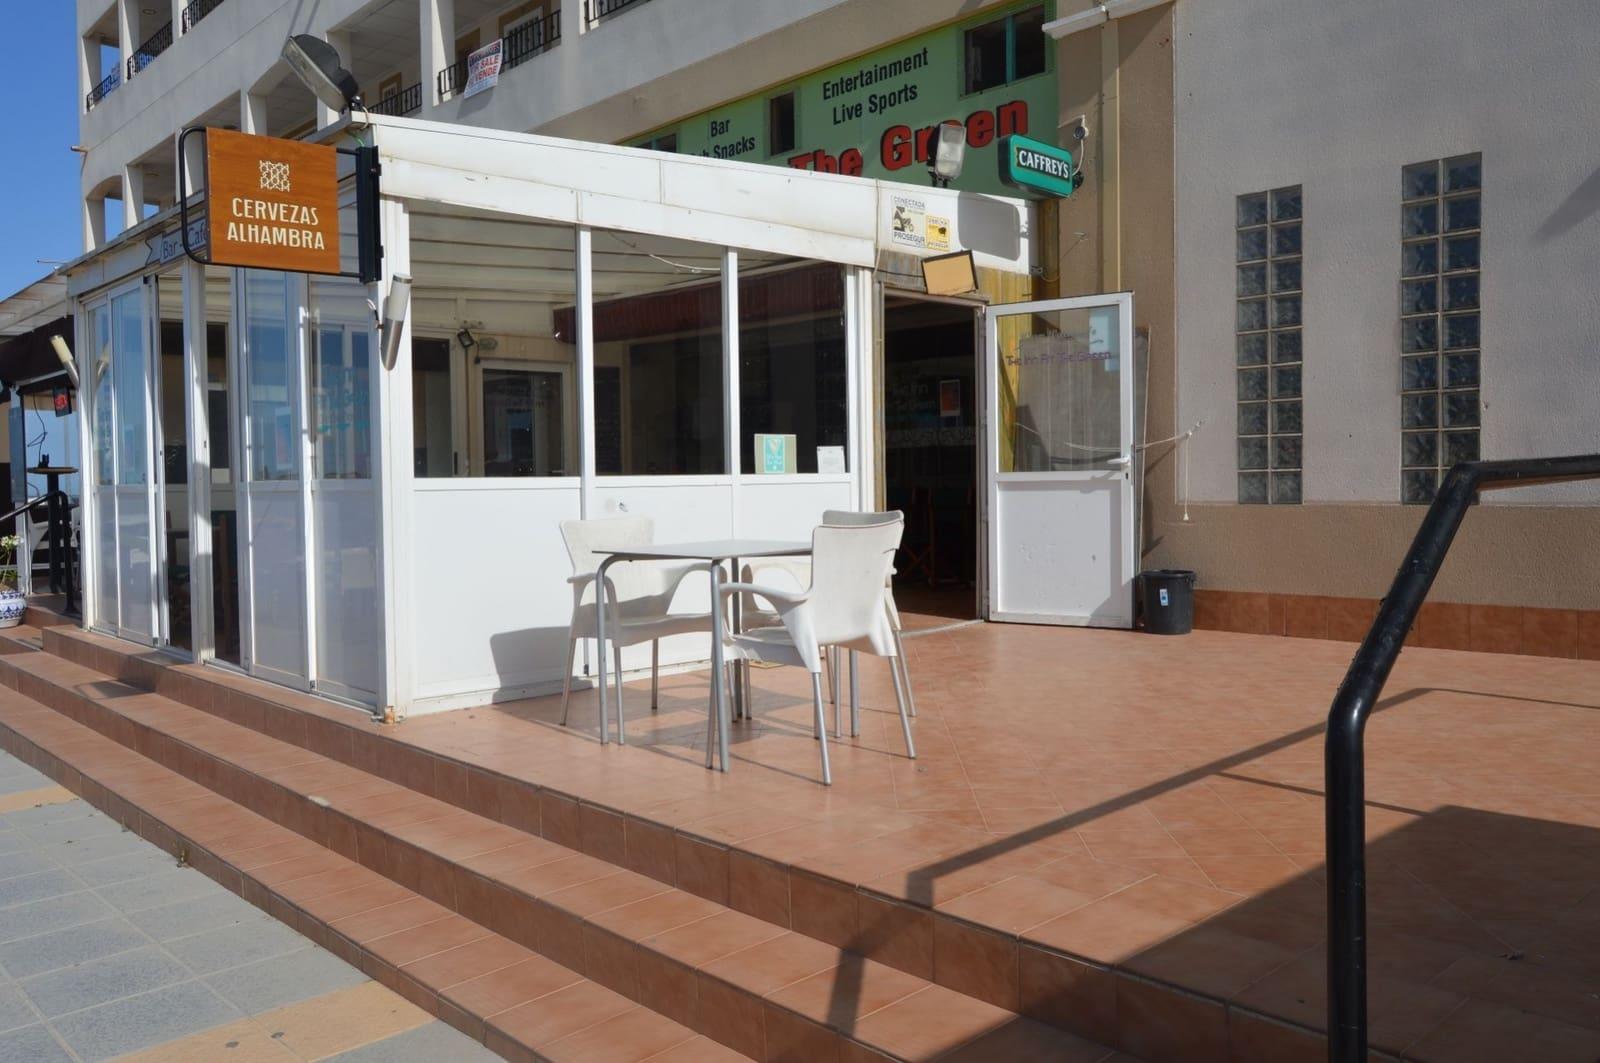 Local Comercial en Los Montesinos en venta - 18.000 € (Ref: 5339978)